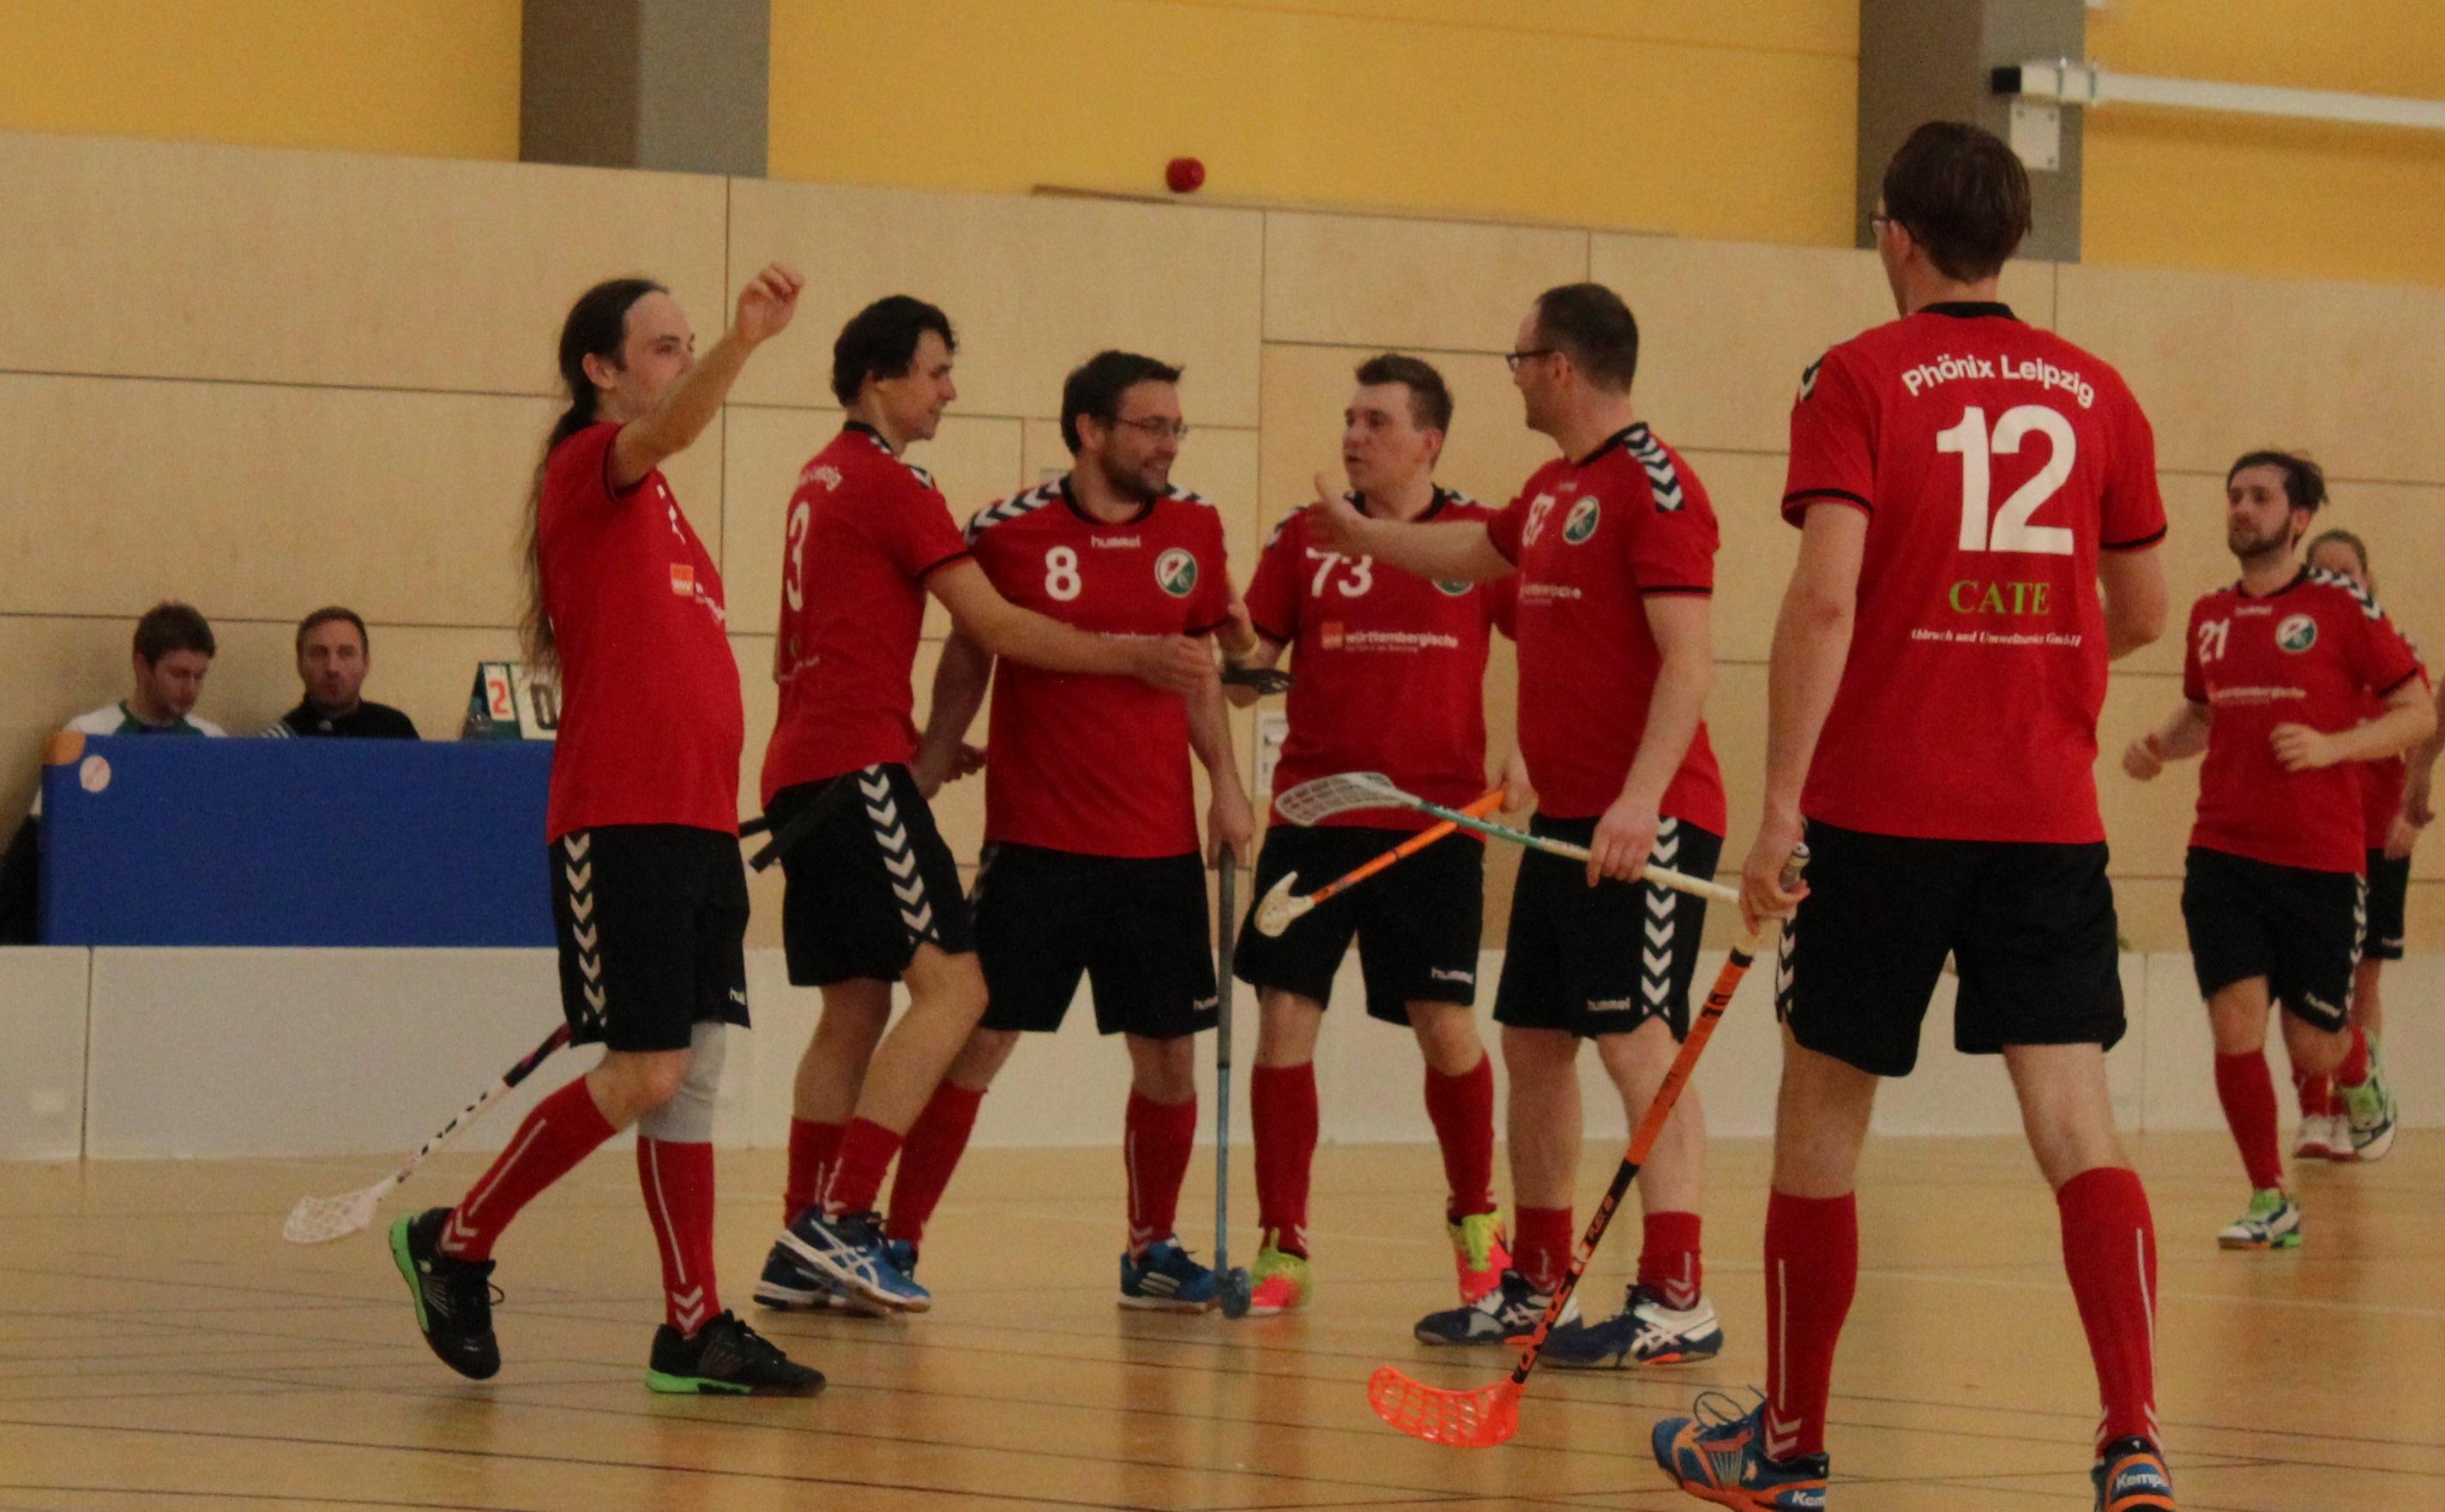 Phönix Leipzig gewinnt auch drittes Derby